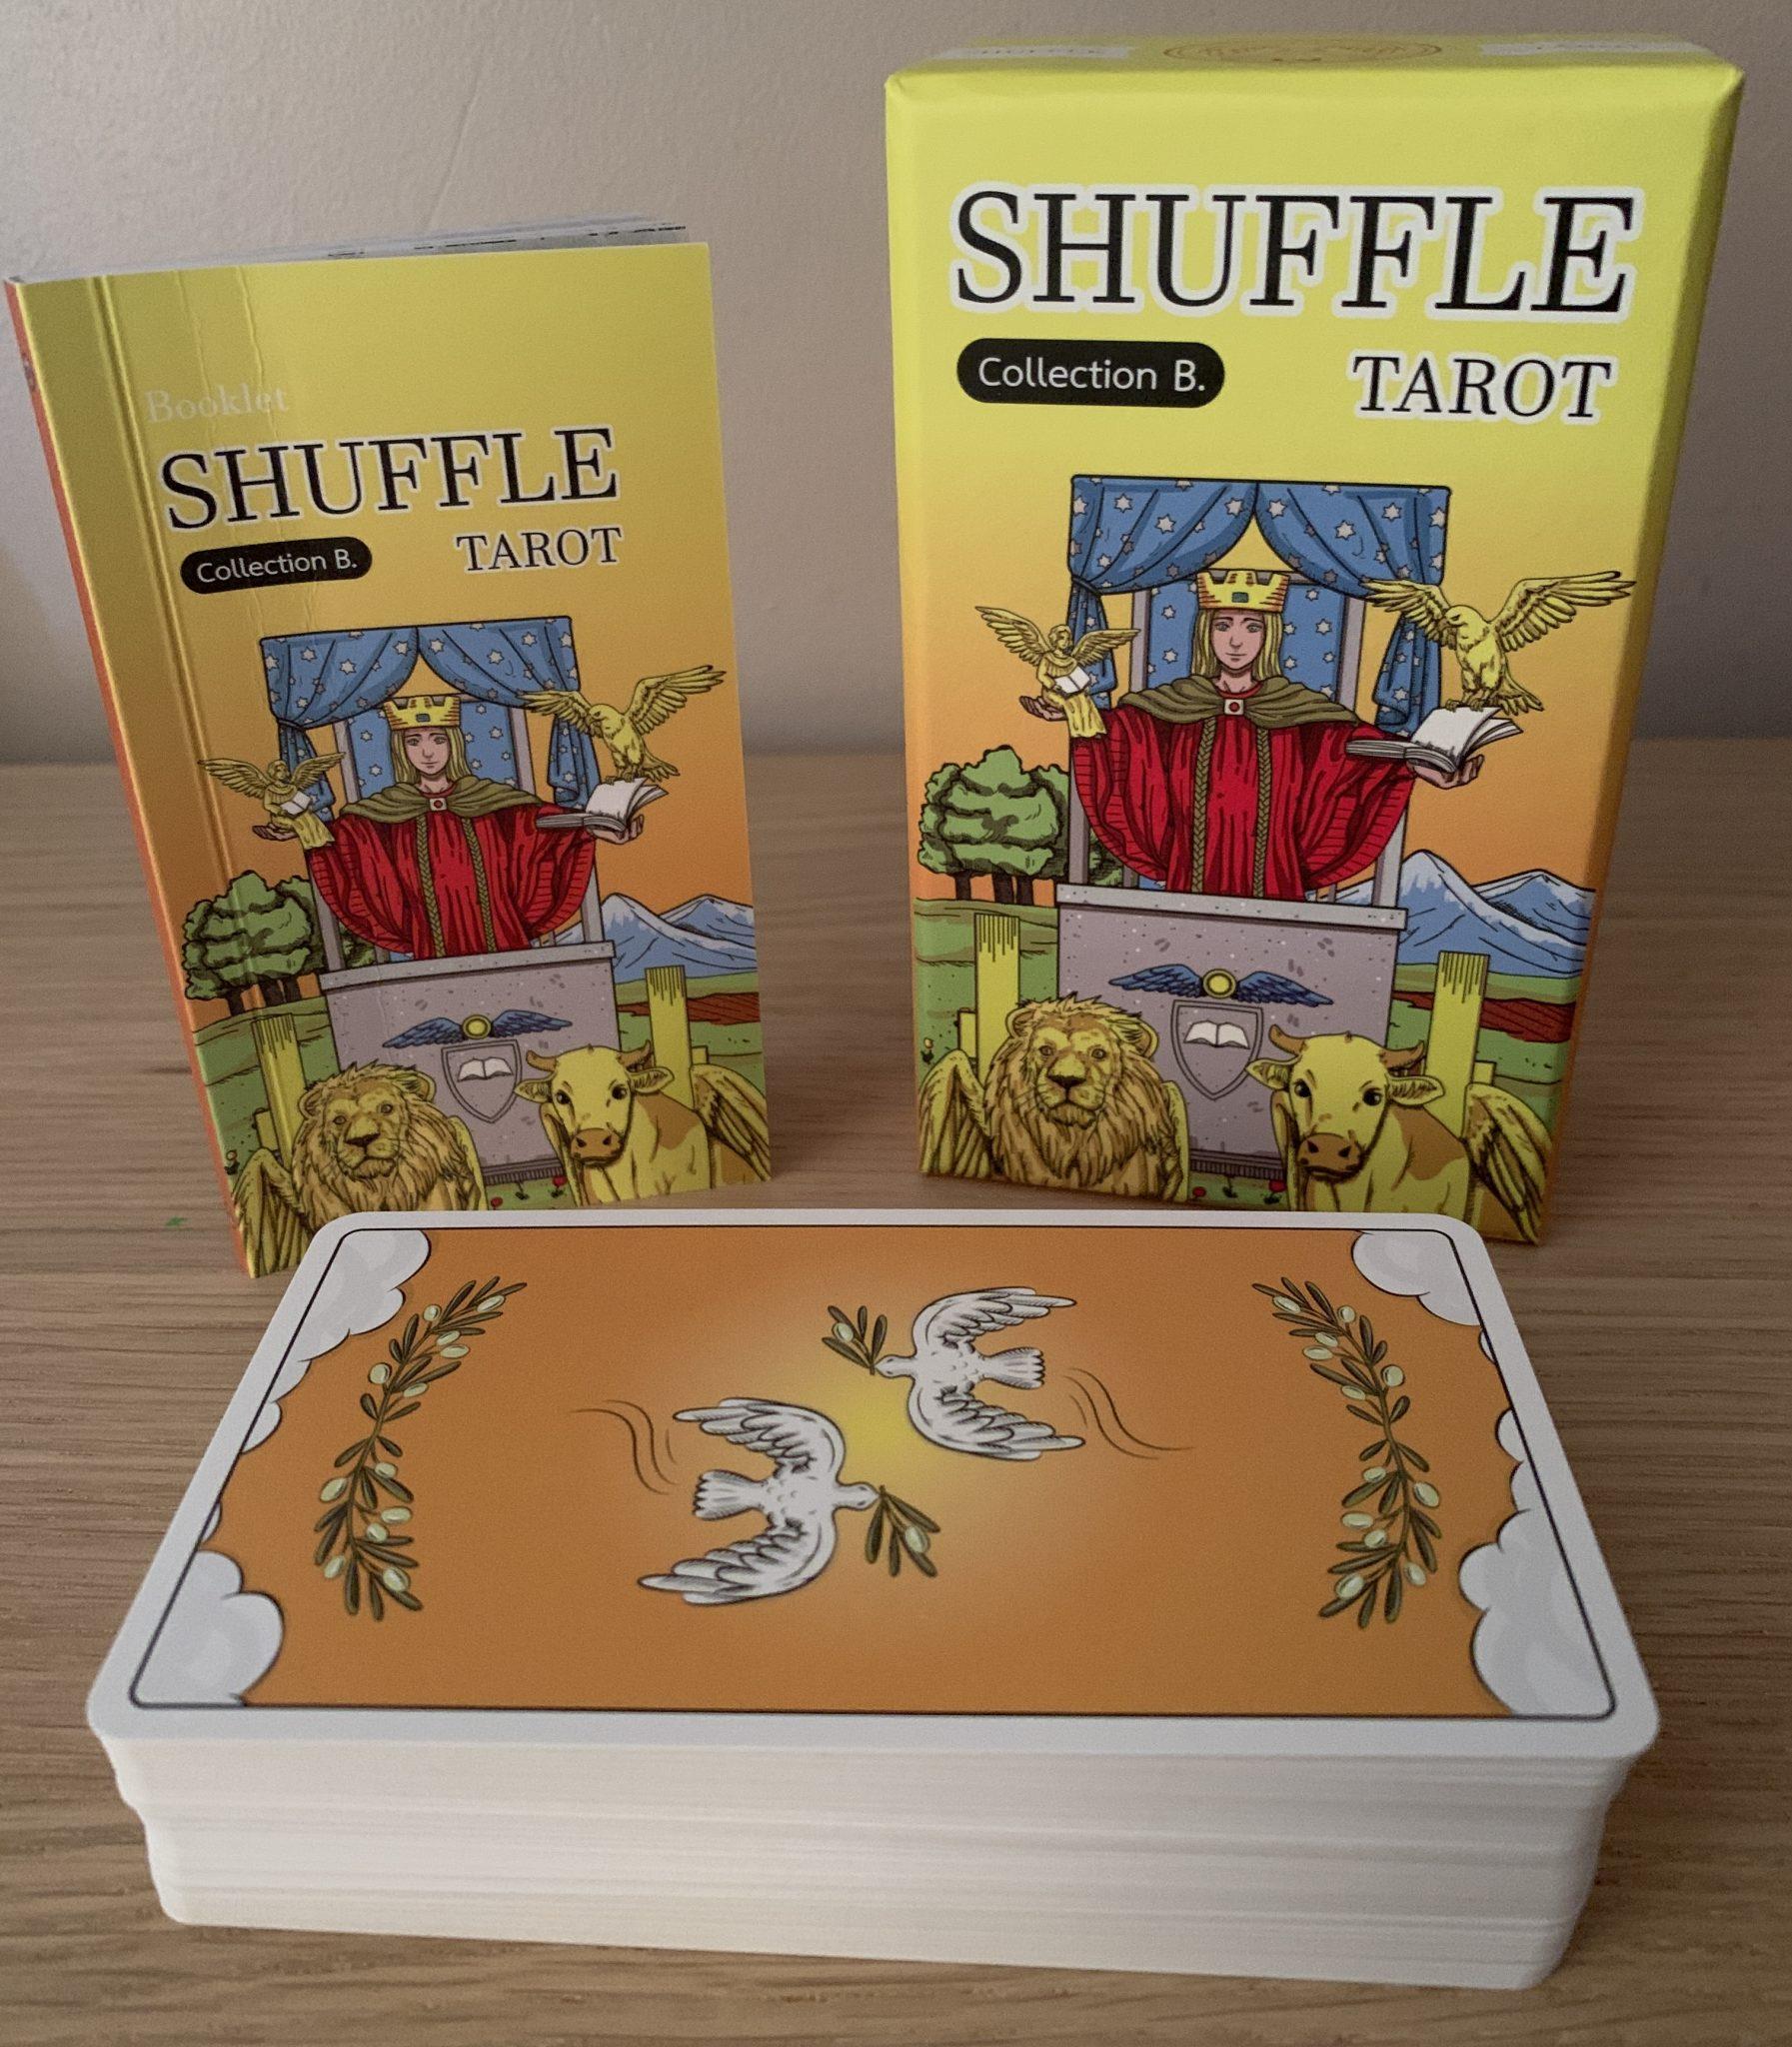 flipping through the shuffle tarot collection a  b